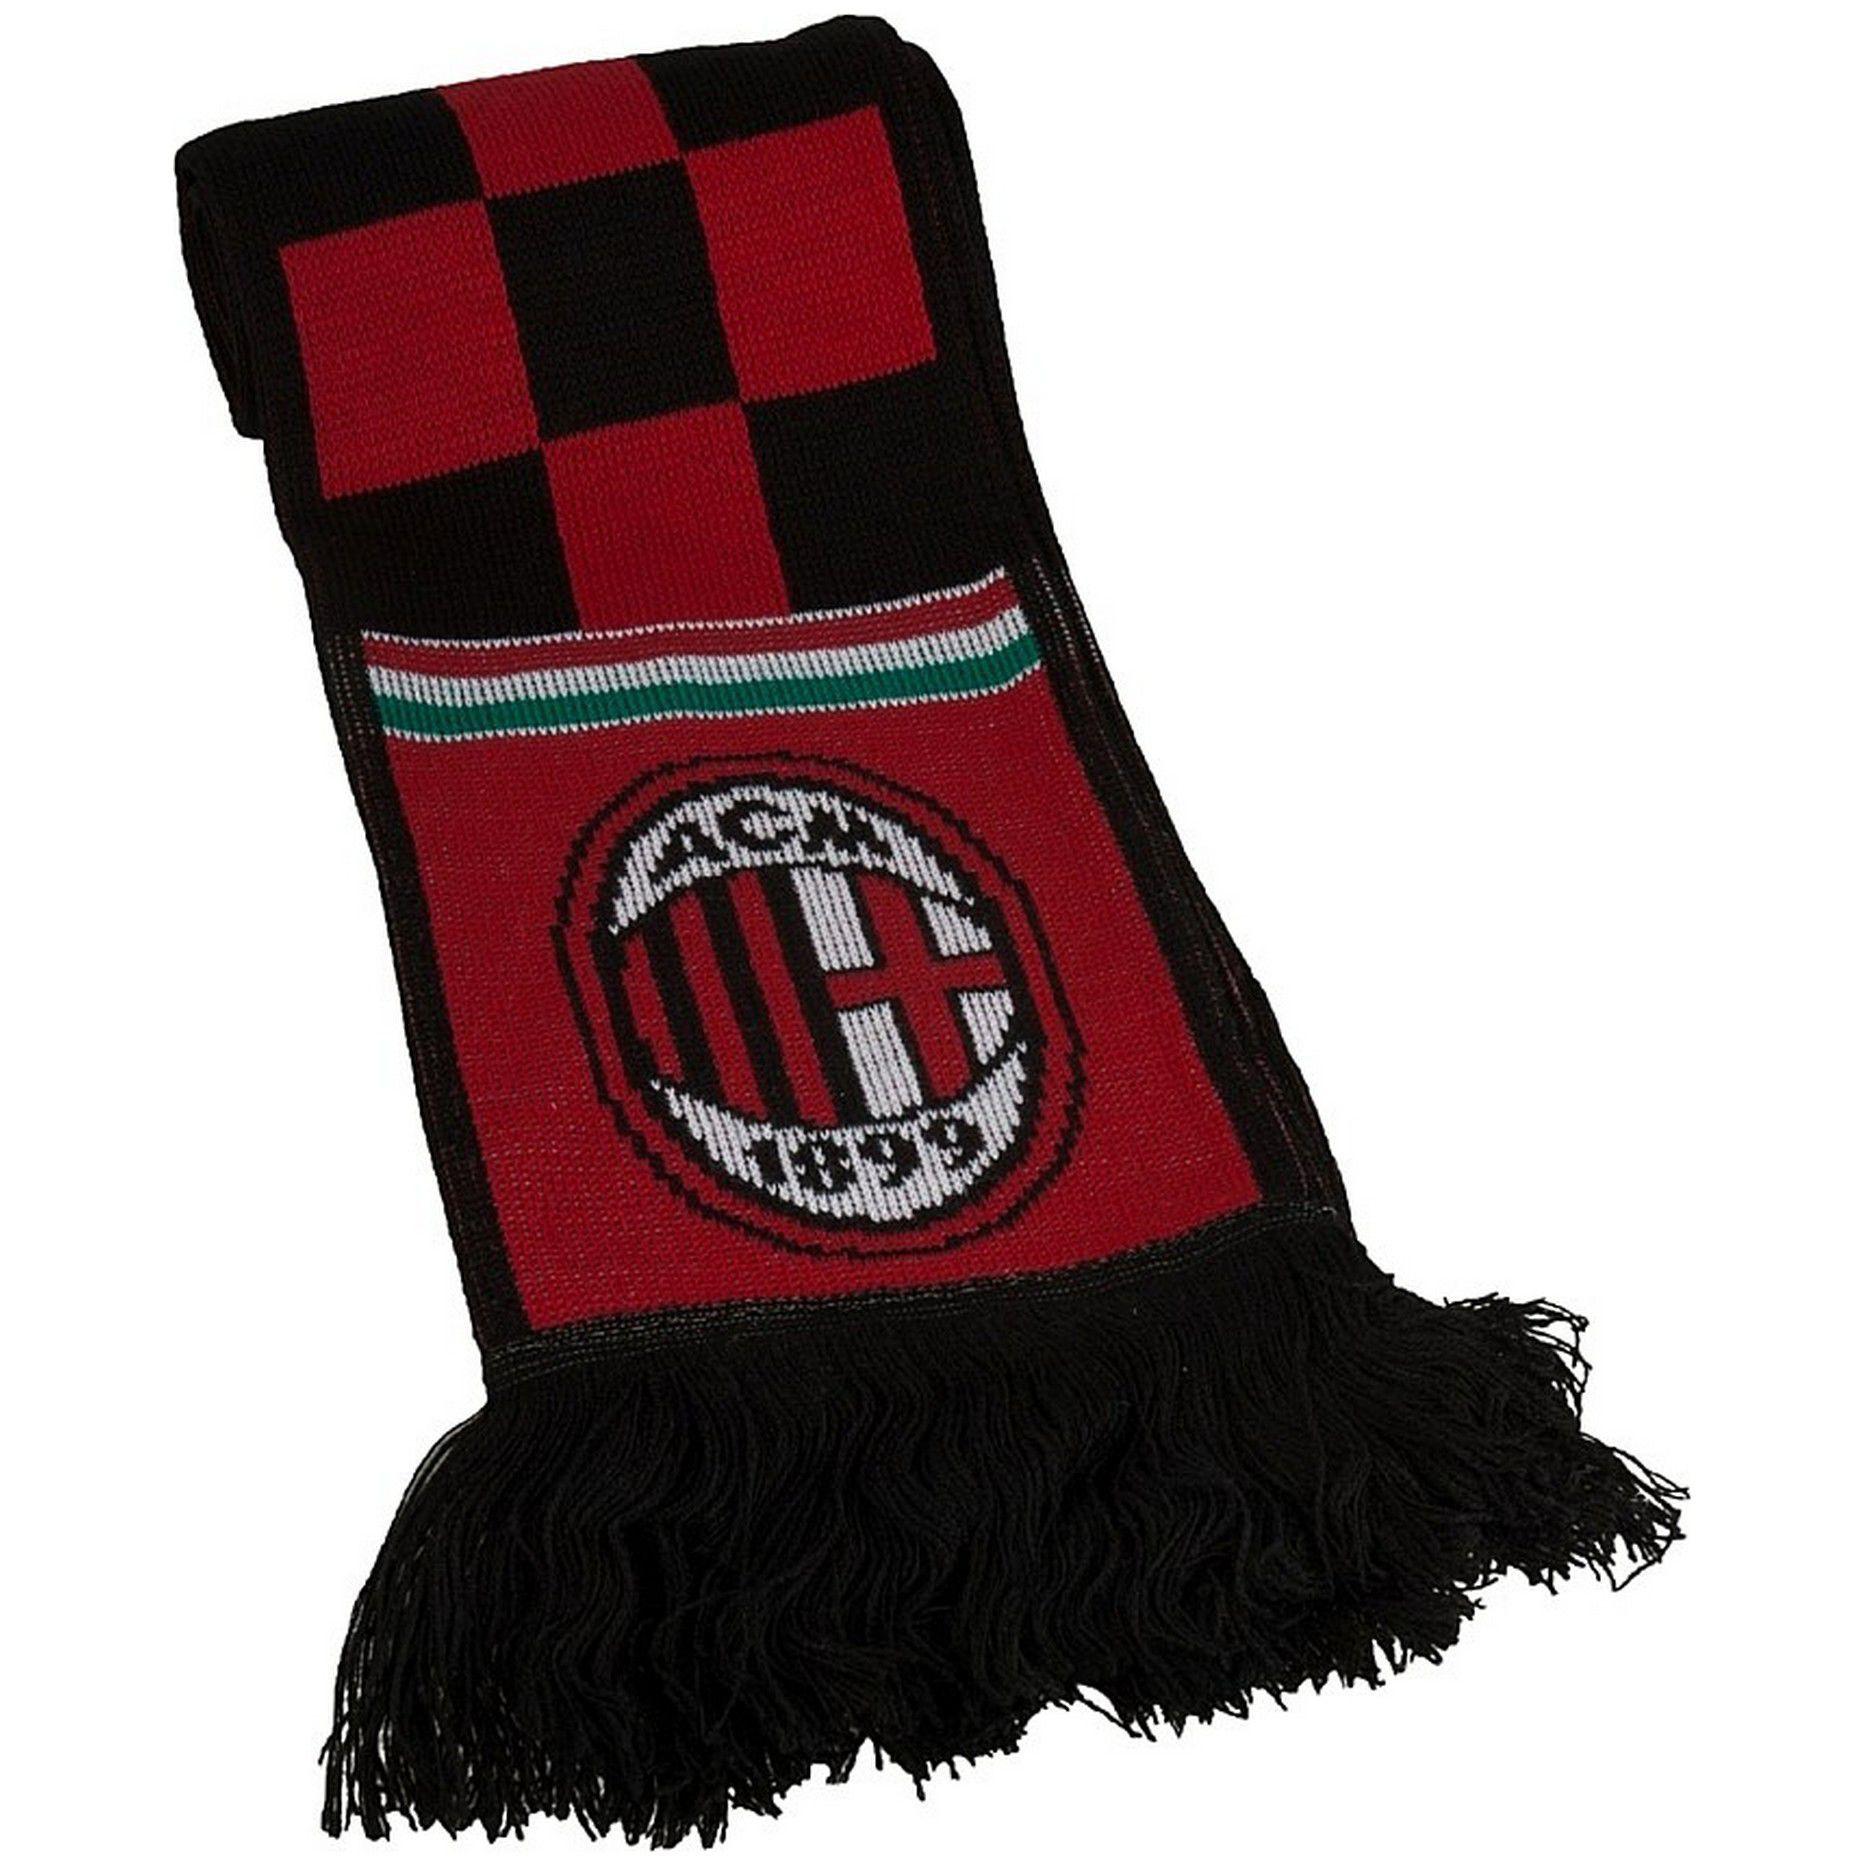 Szalik AC Milan - idealny dla sezonowców #ElPistolero